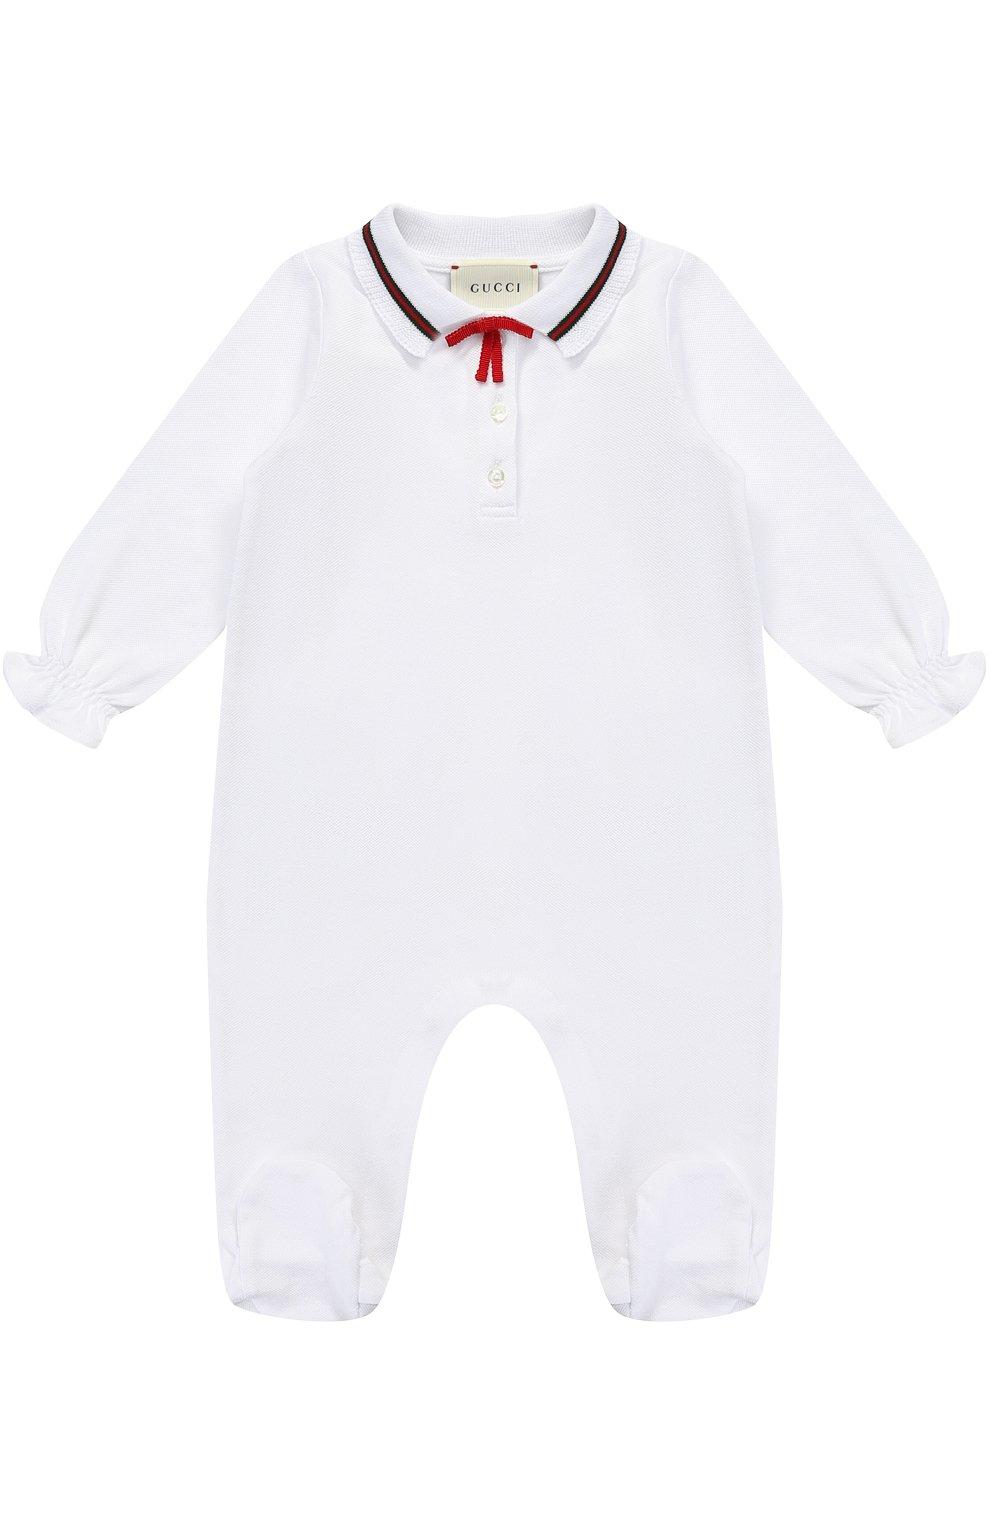 Детский пижама из эластичного хлопка с контрастной отделкой и бантом GUCCI белого цвета, арт. 458206/X5N22 | Фото 1